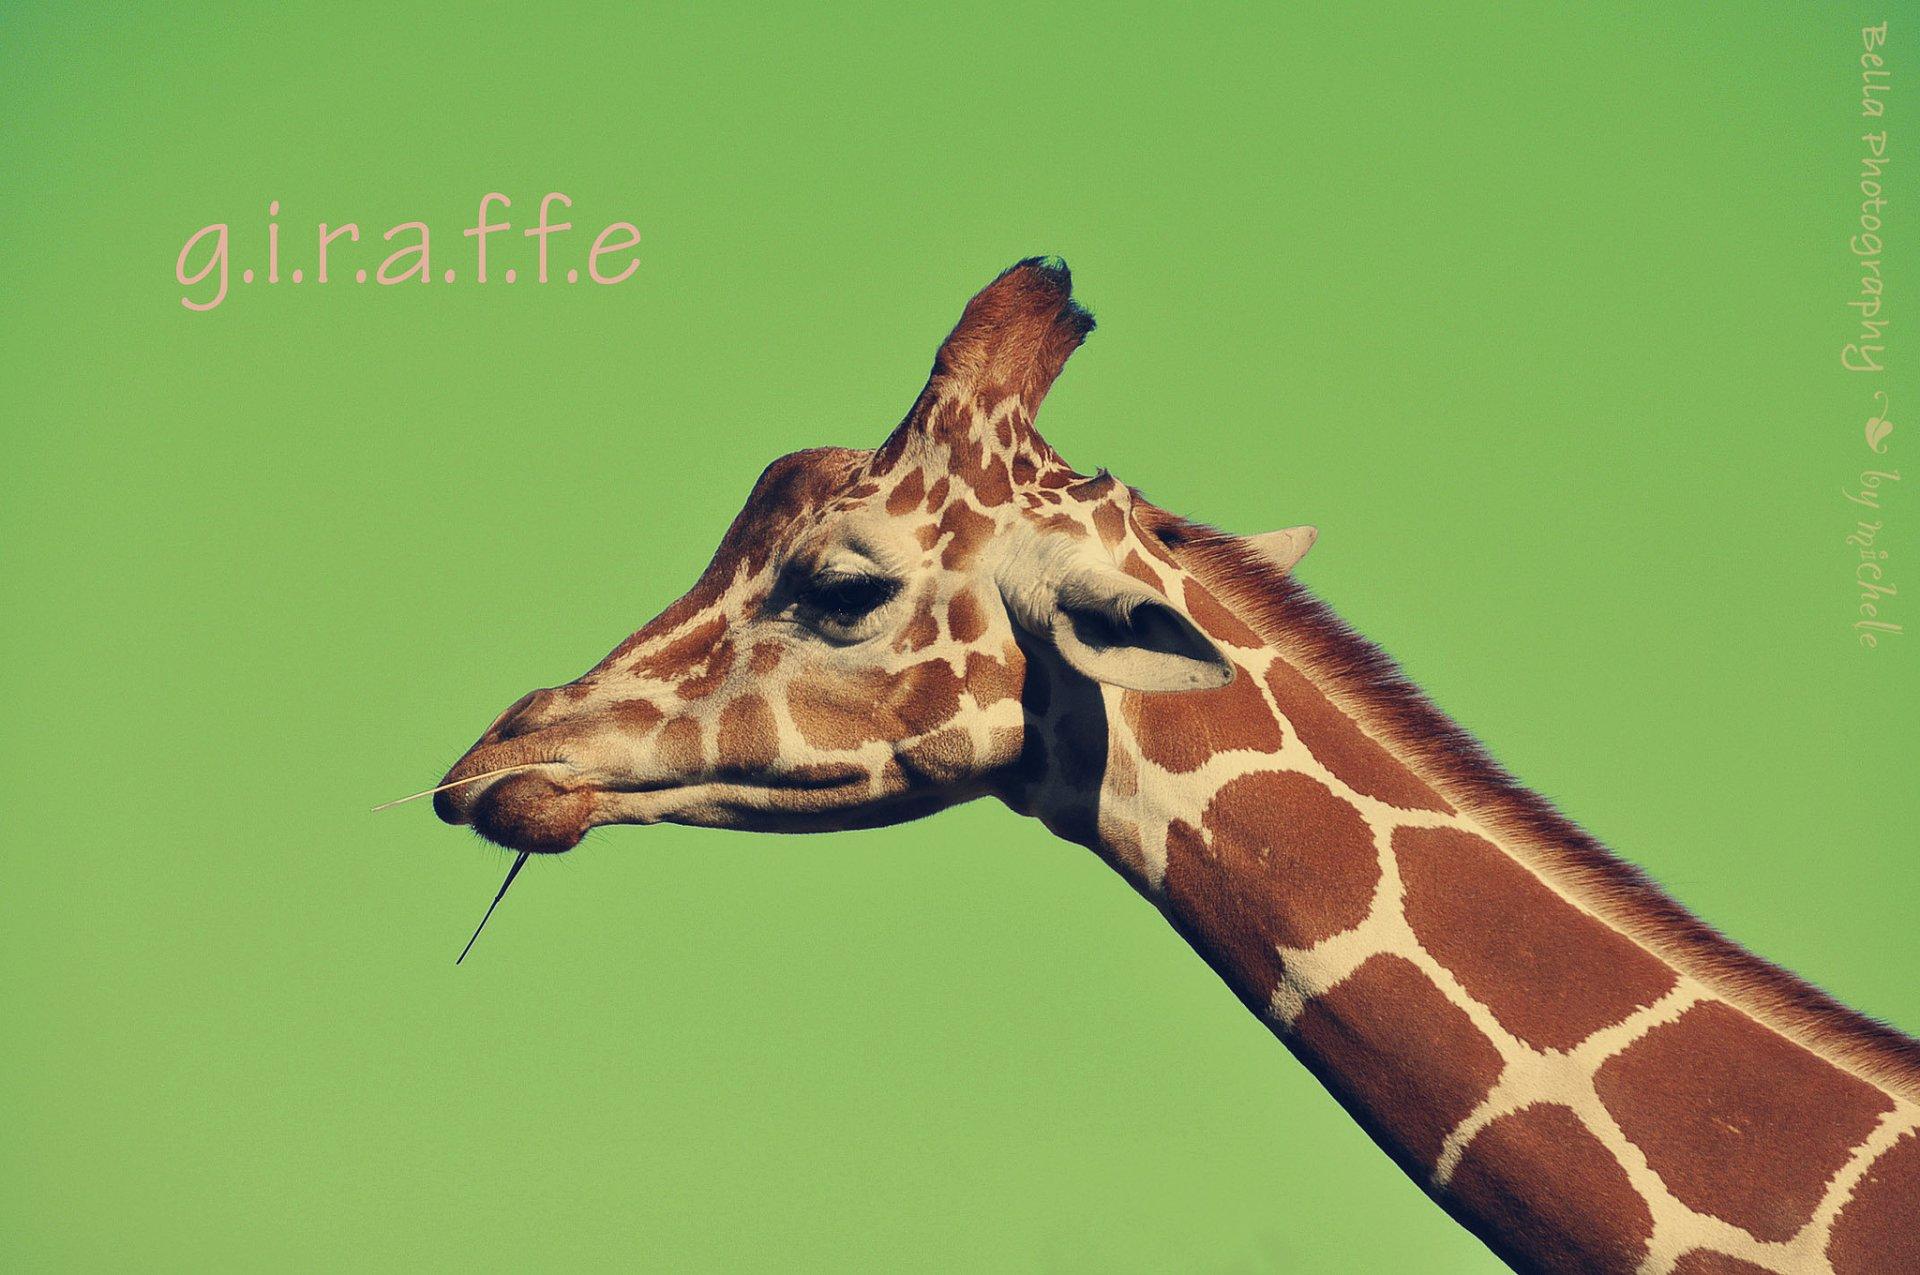 Картинки, смешные картинки жирафа с надписями